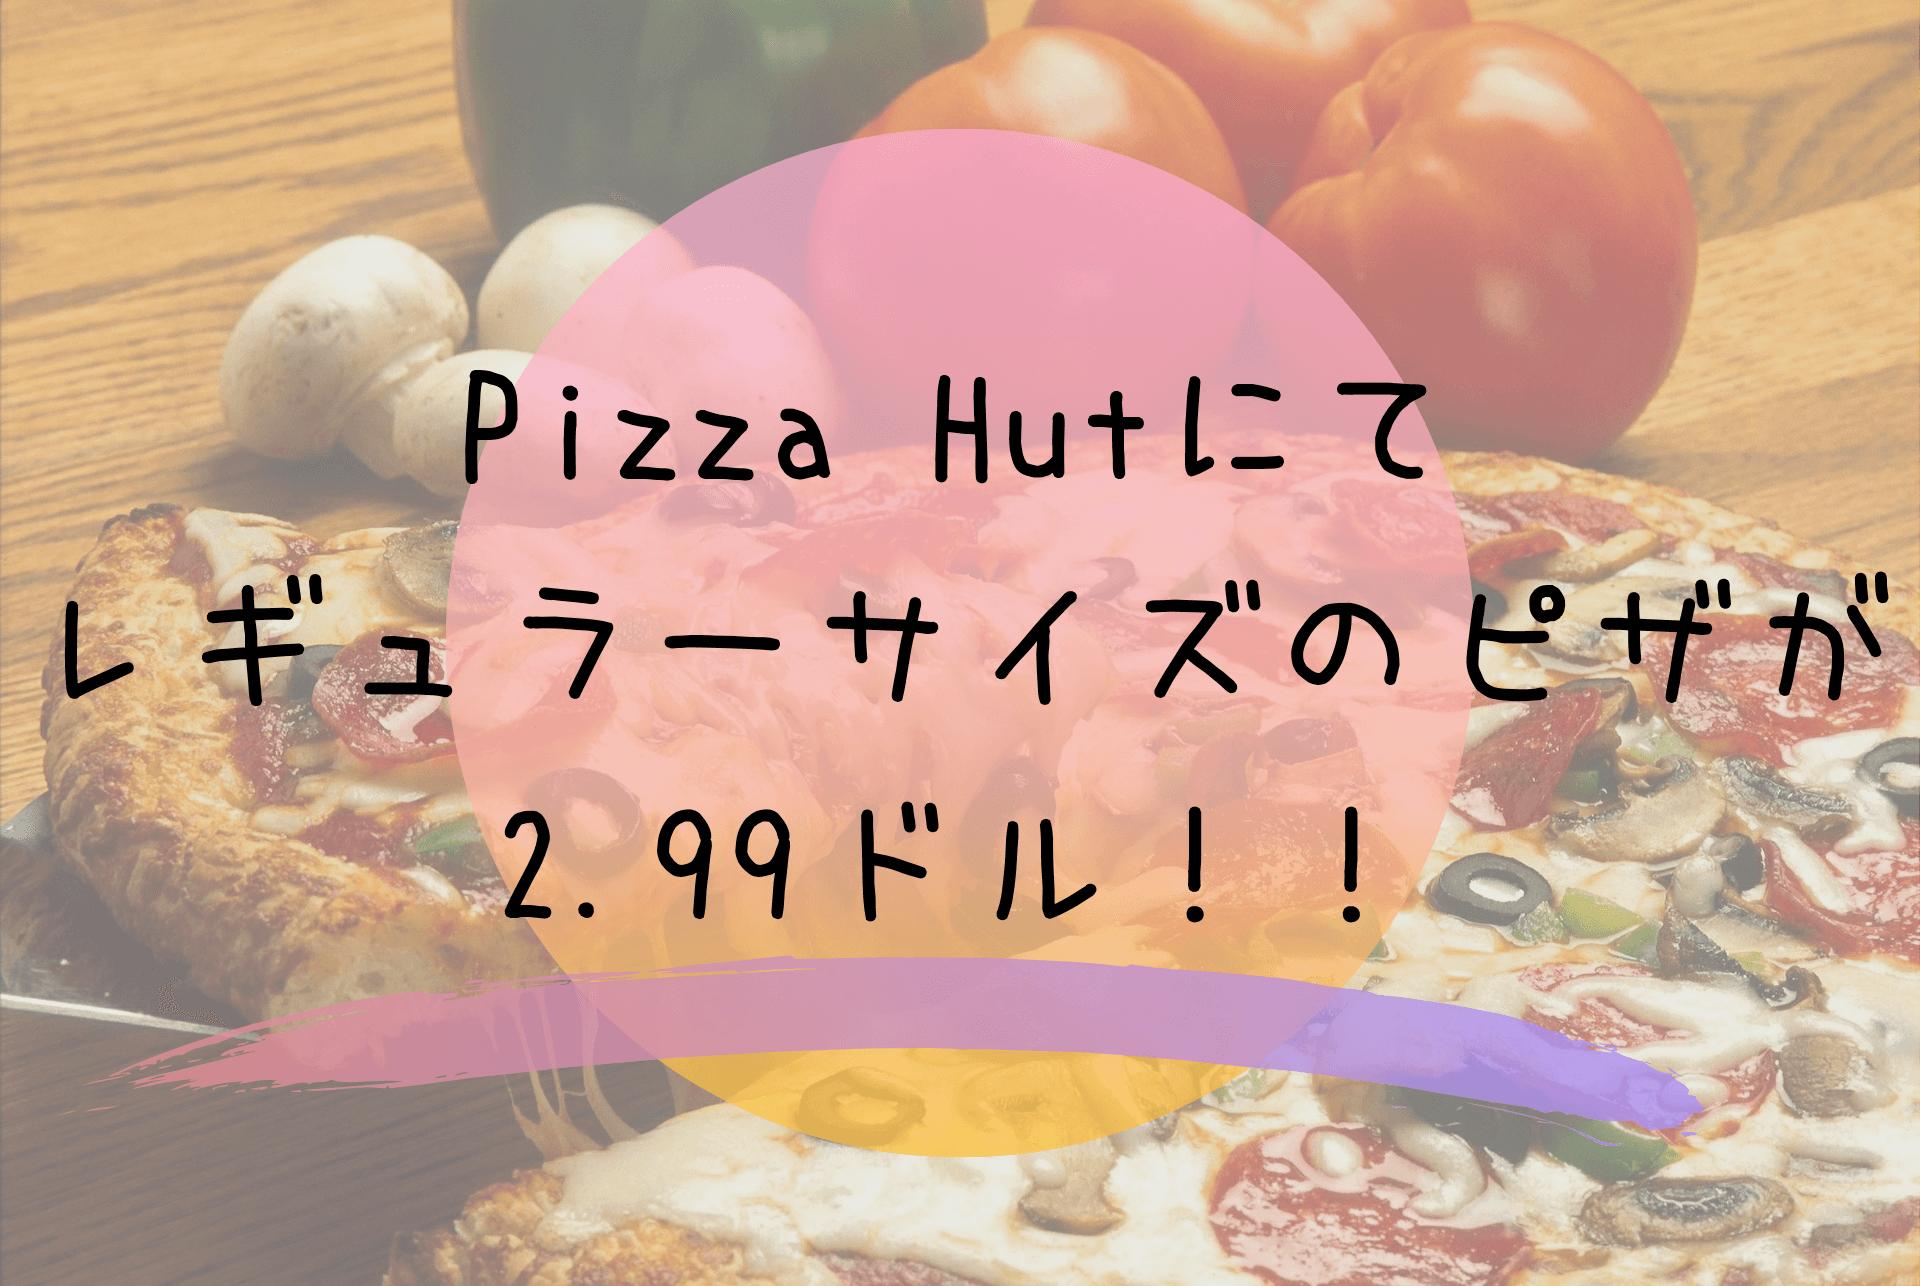 Pizza Hutにてレギュラーサイズのピザが2.99ドル!! (1)